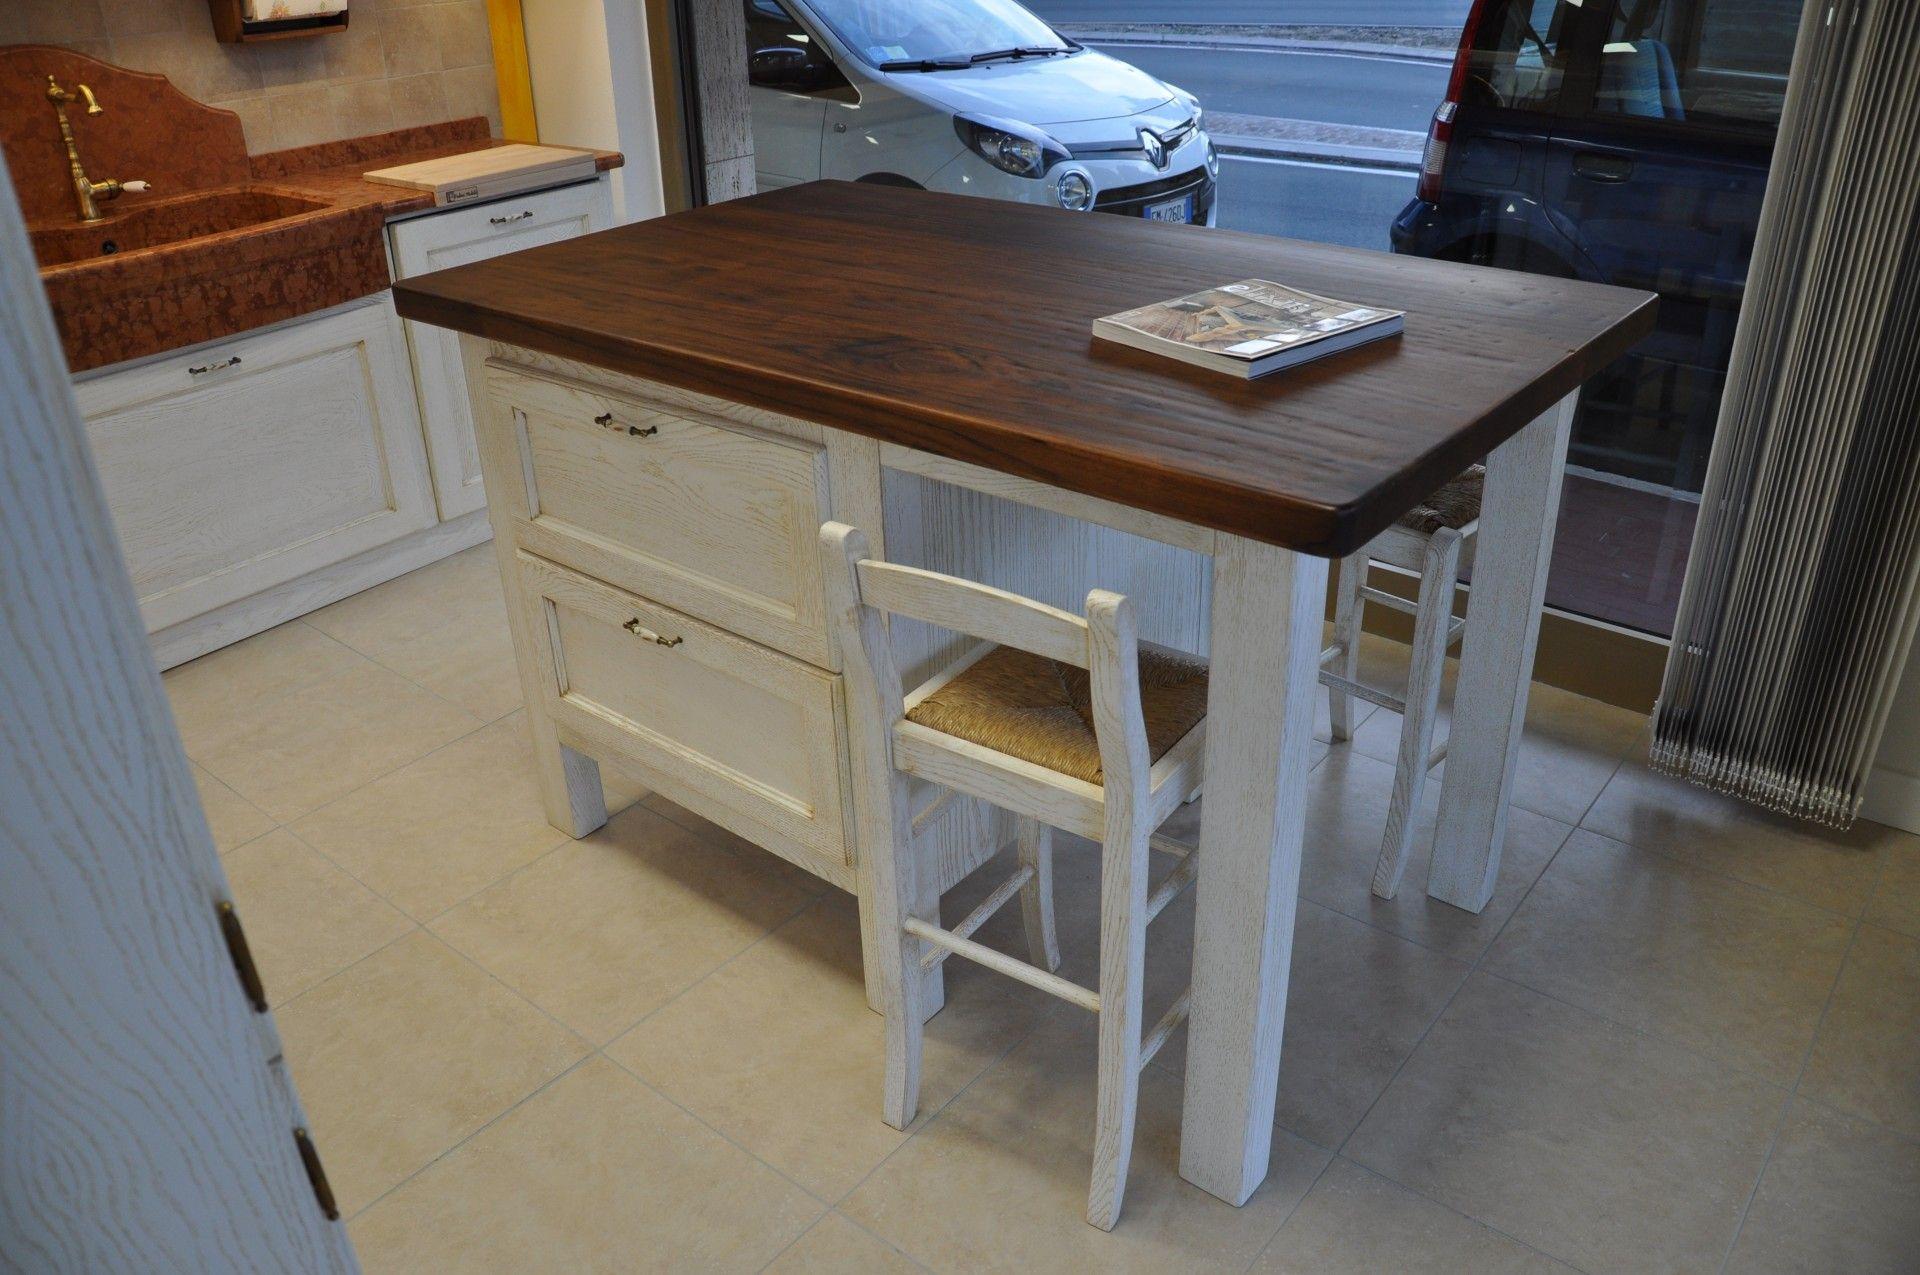 isola cucina piccola tavolo - Cerca con Google | aftreeoord | Pinterest